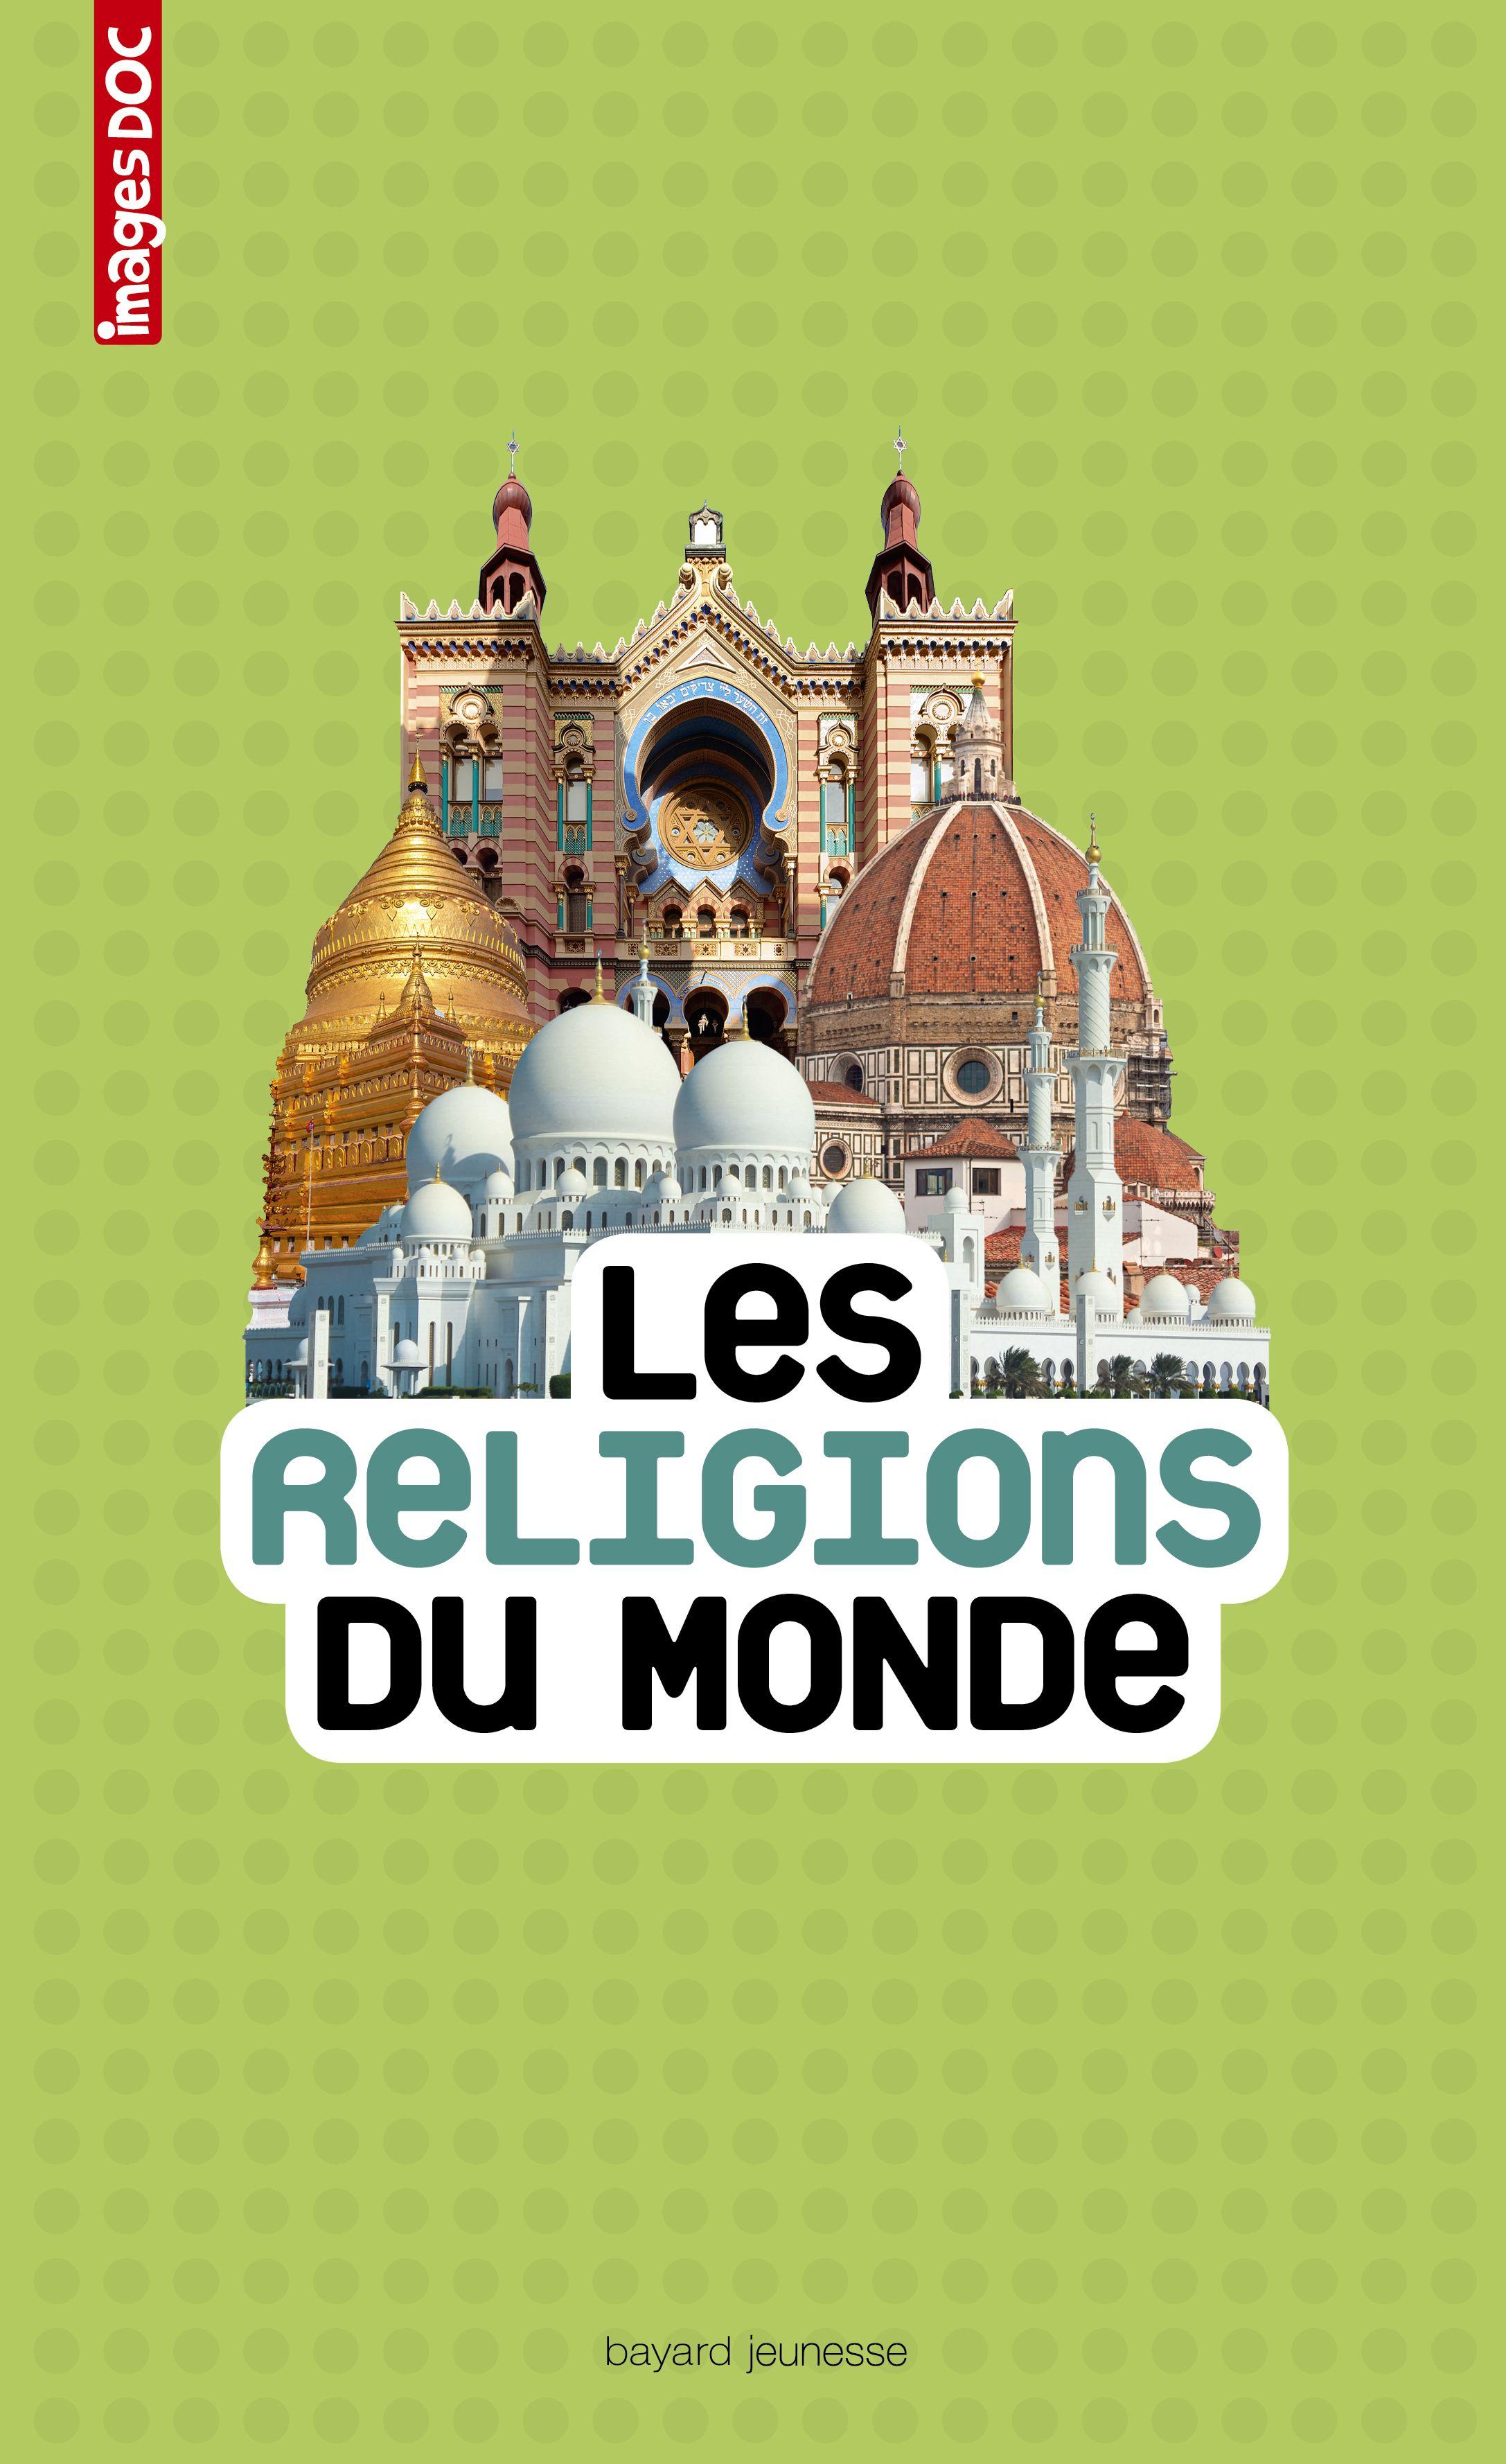 Litterature Pour En Apprendre Plus Sur L Autre Et Ses Croyances Bayard Saloneduc